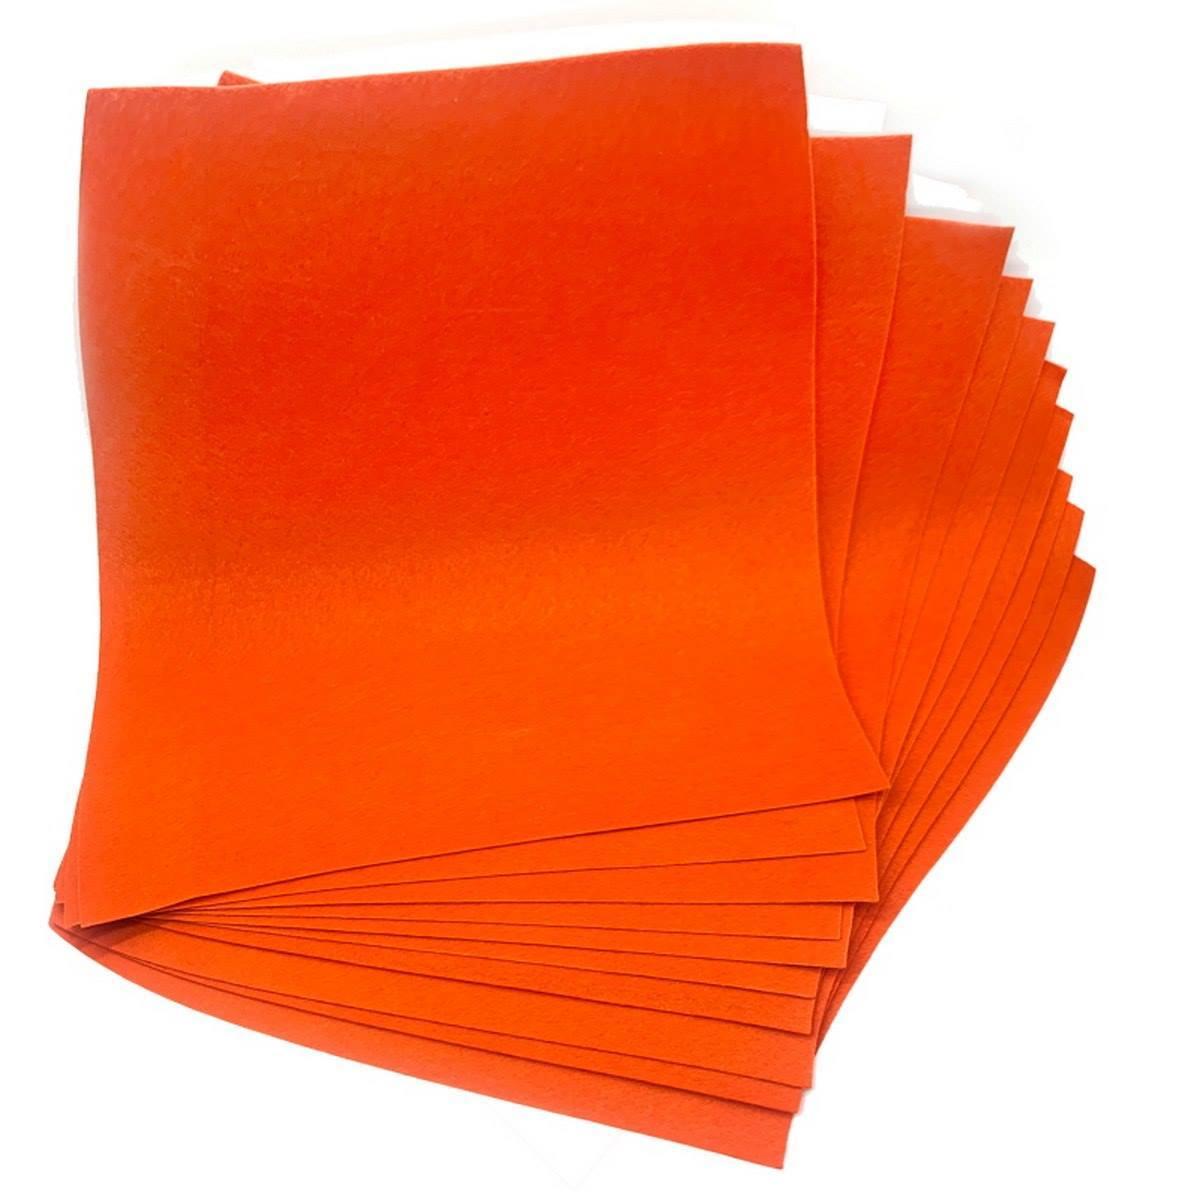 Nonwoven Felt Sheet Orange